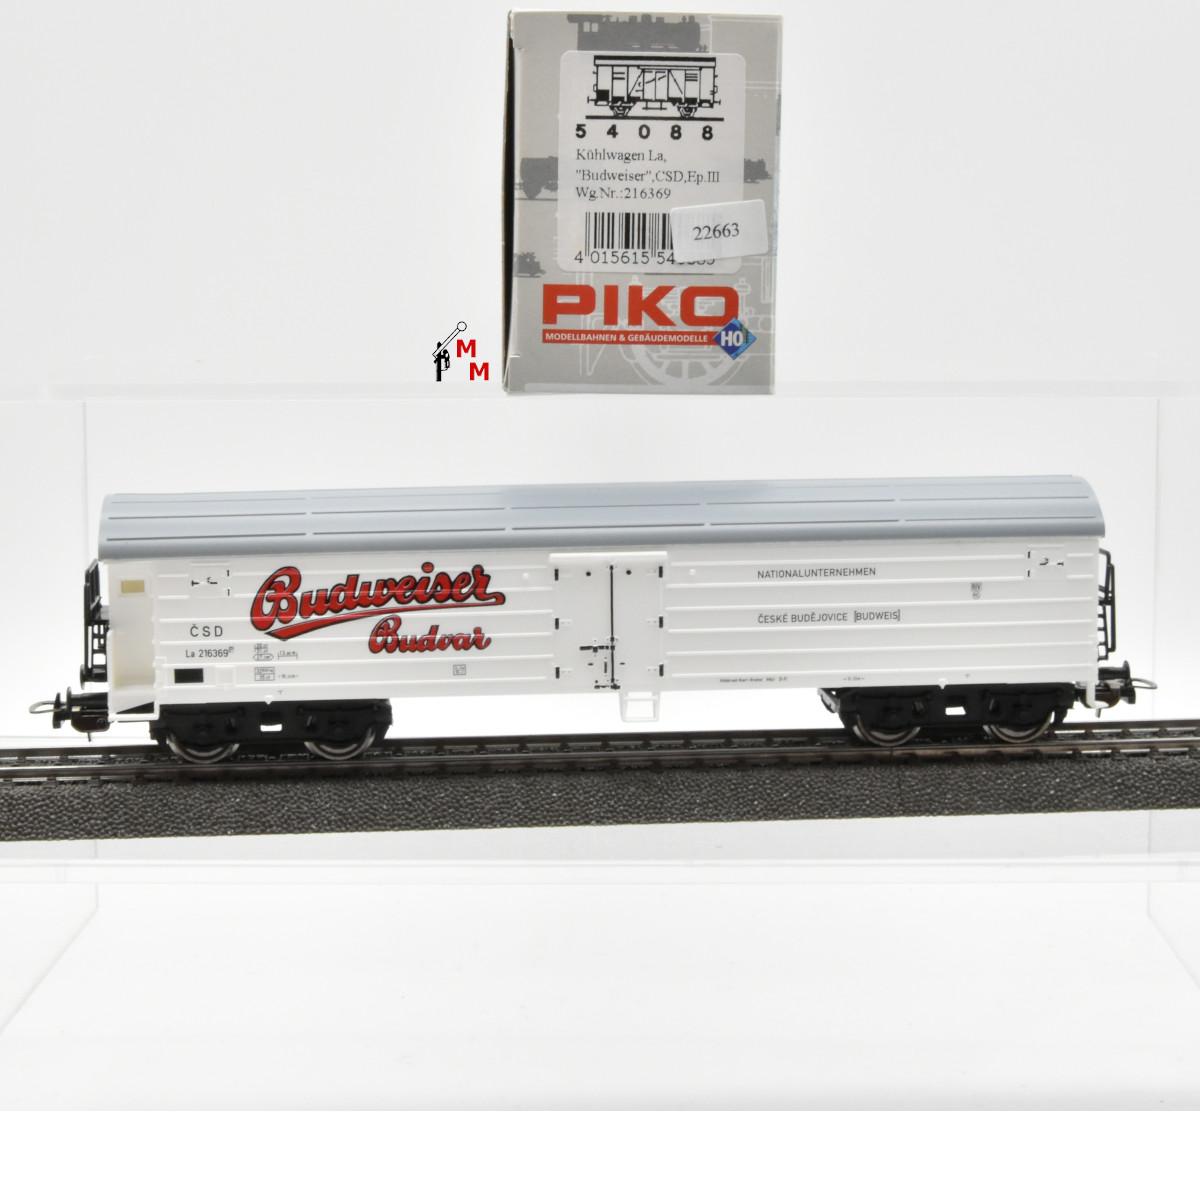 """Piko 54088 Kühlwagen """"Budweiser"""", CSD, (22663)"""